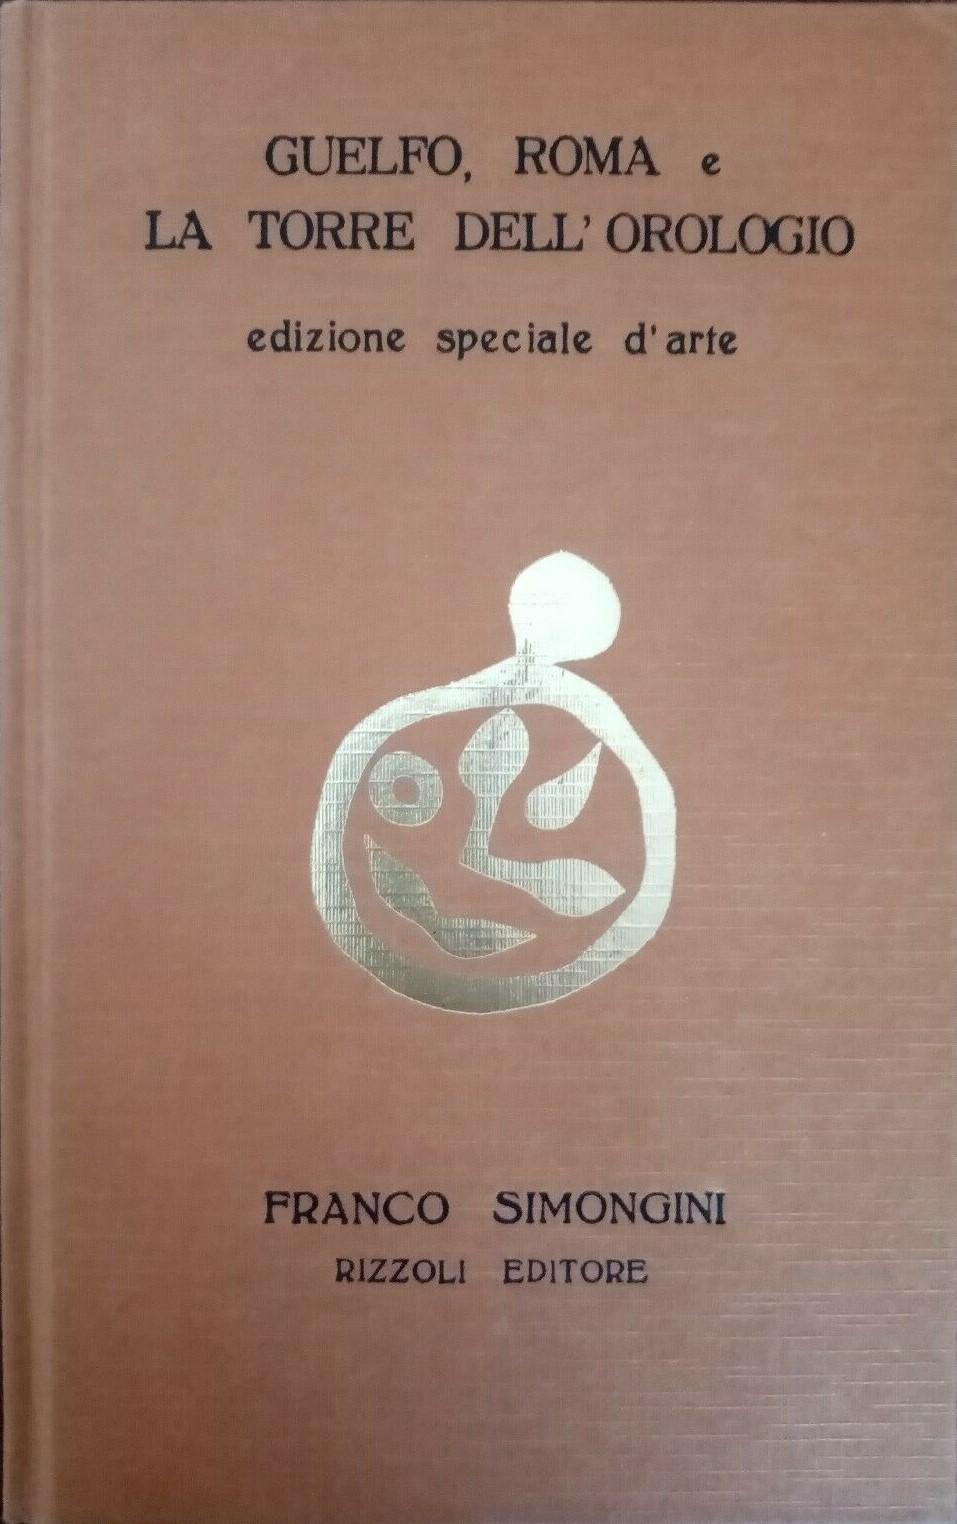 """Franco Simongini e l'edizione speciale """"Guelfo, Roma e la torre dell'orologio"""""""